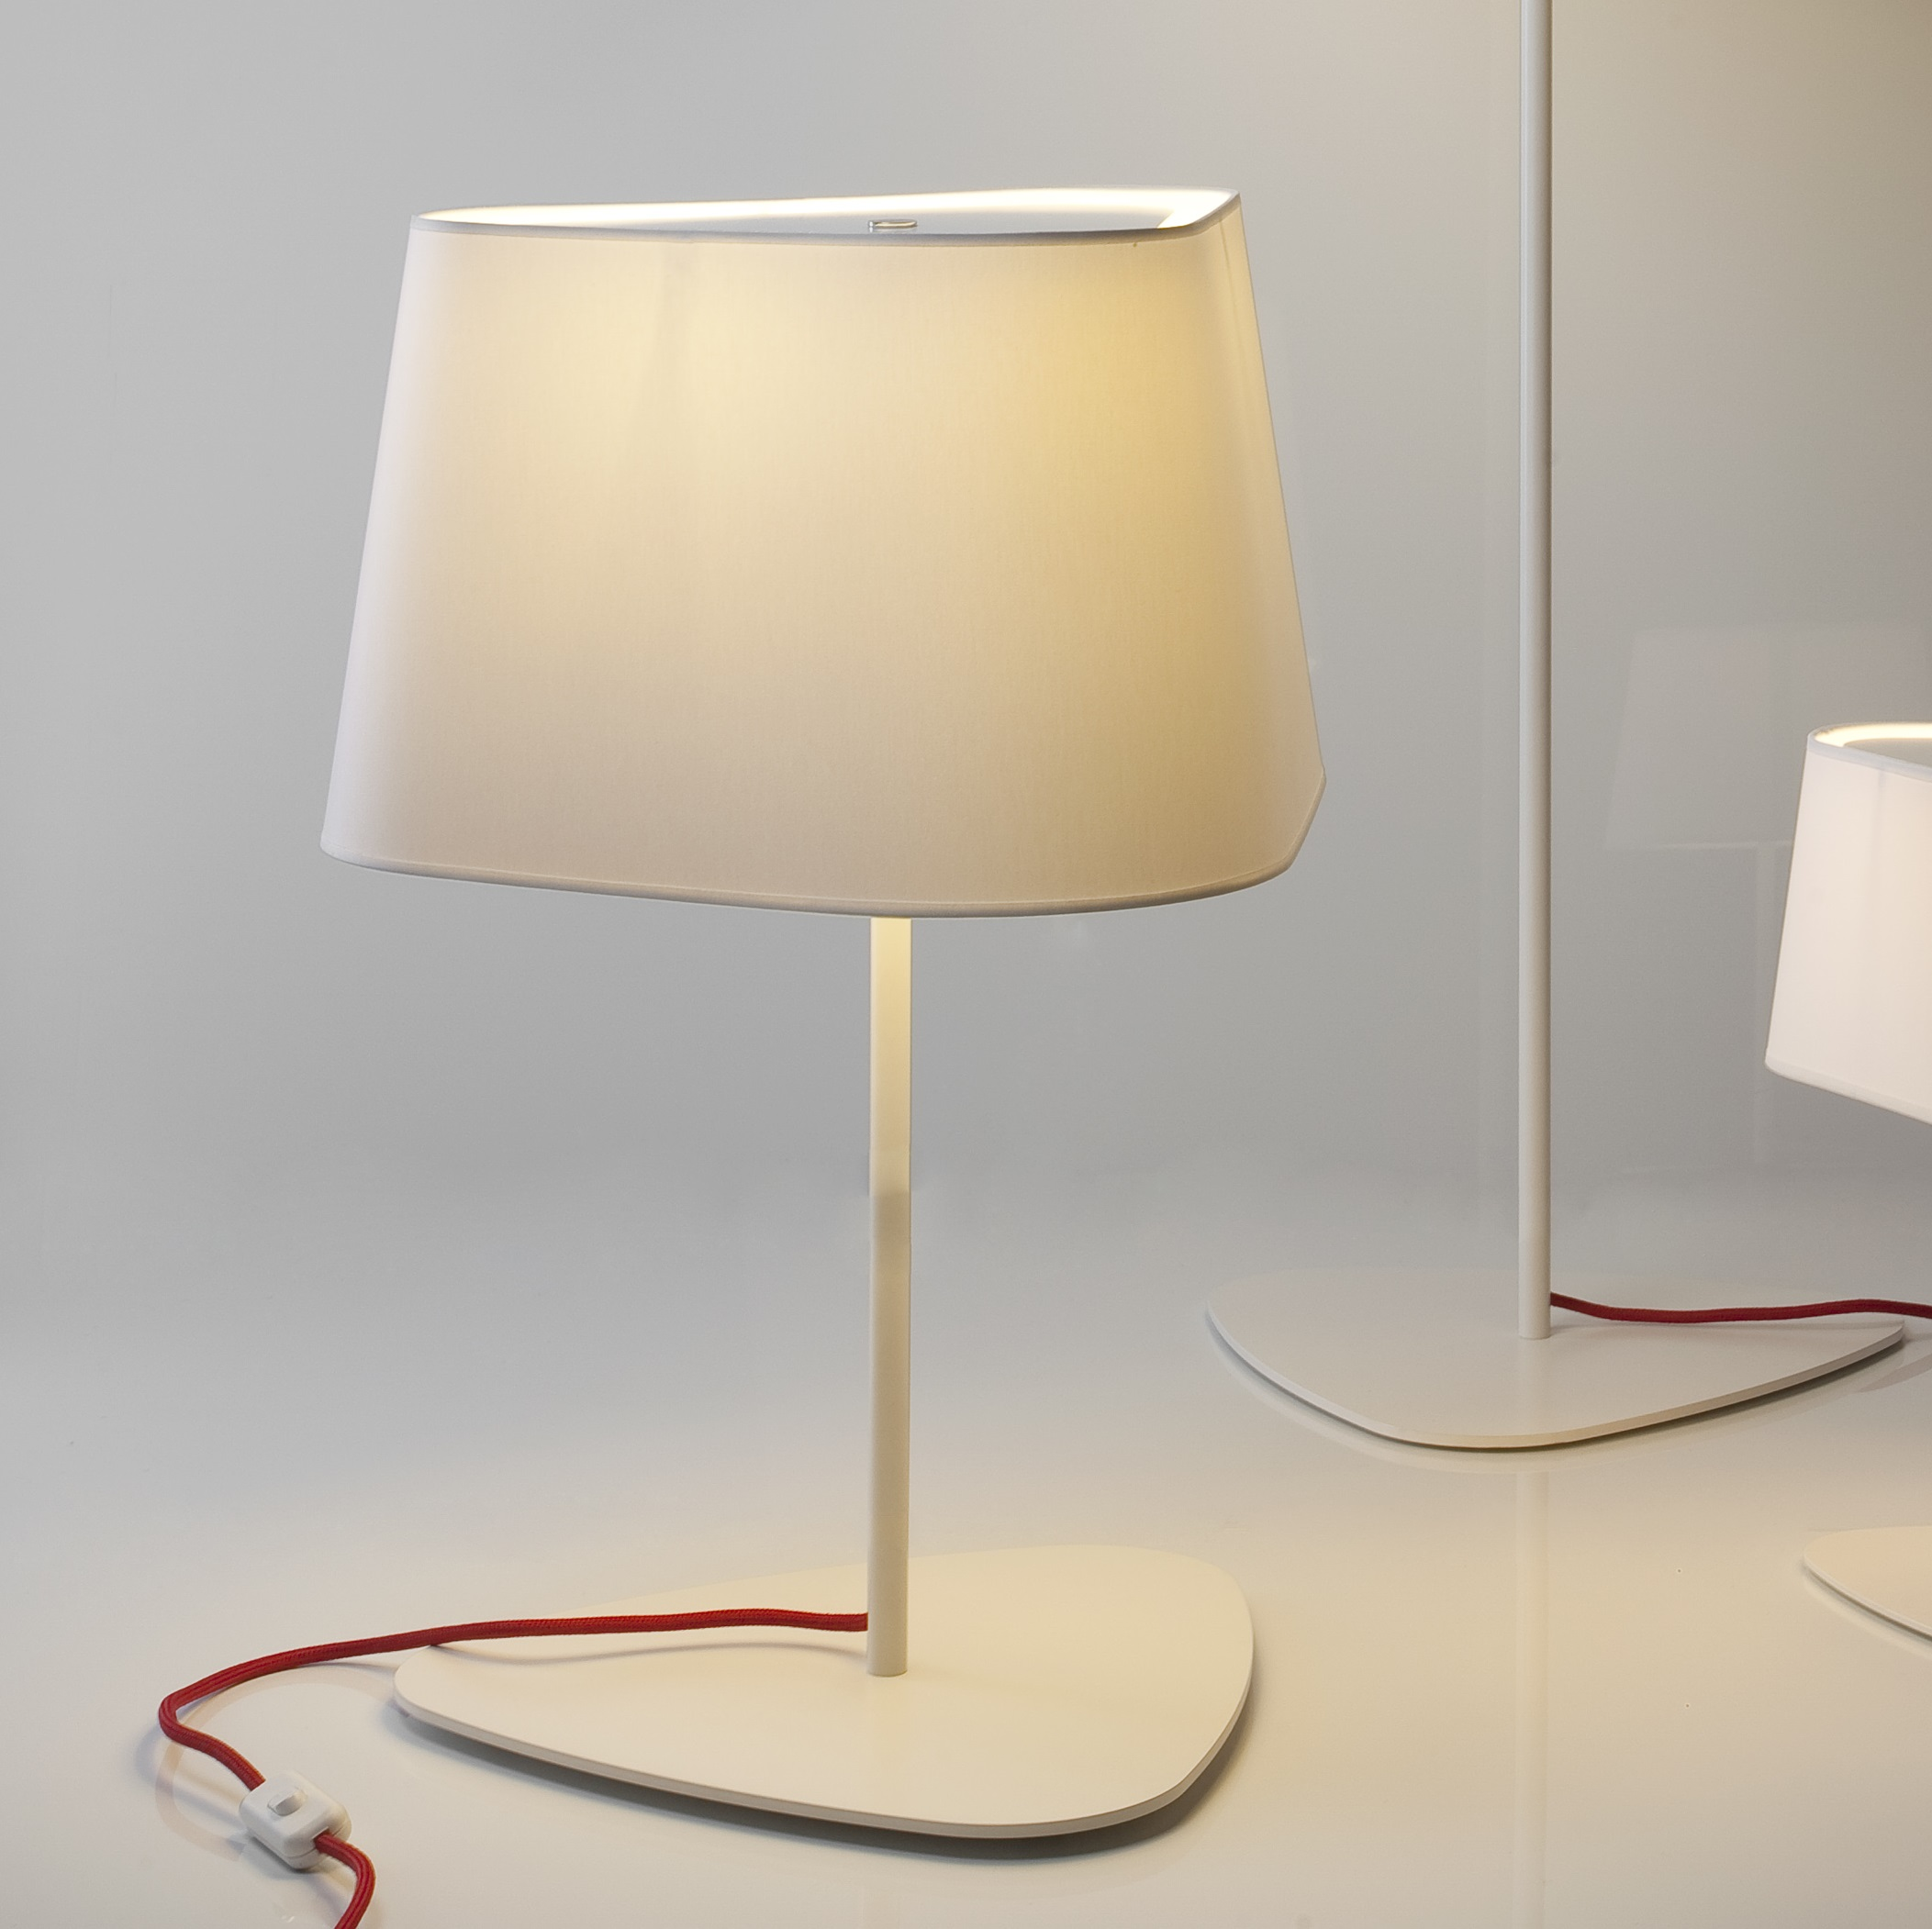 lampe à poser, grand nuage, blanc, rouge, h62cm - designheure